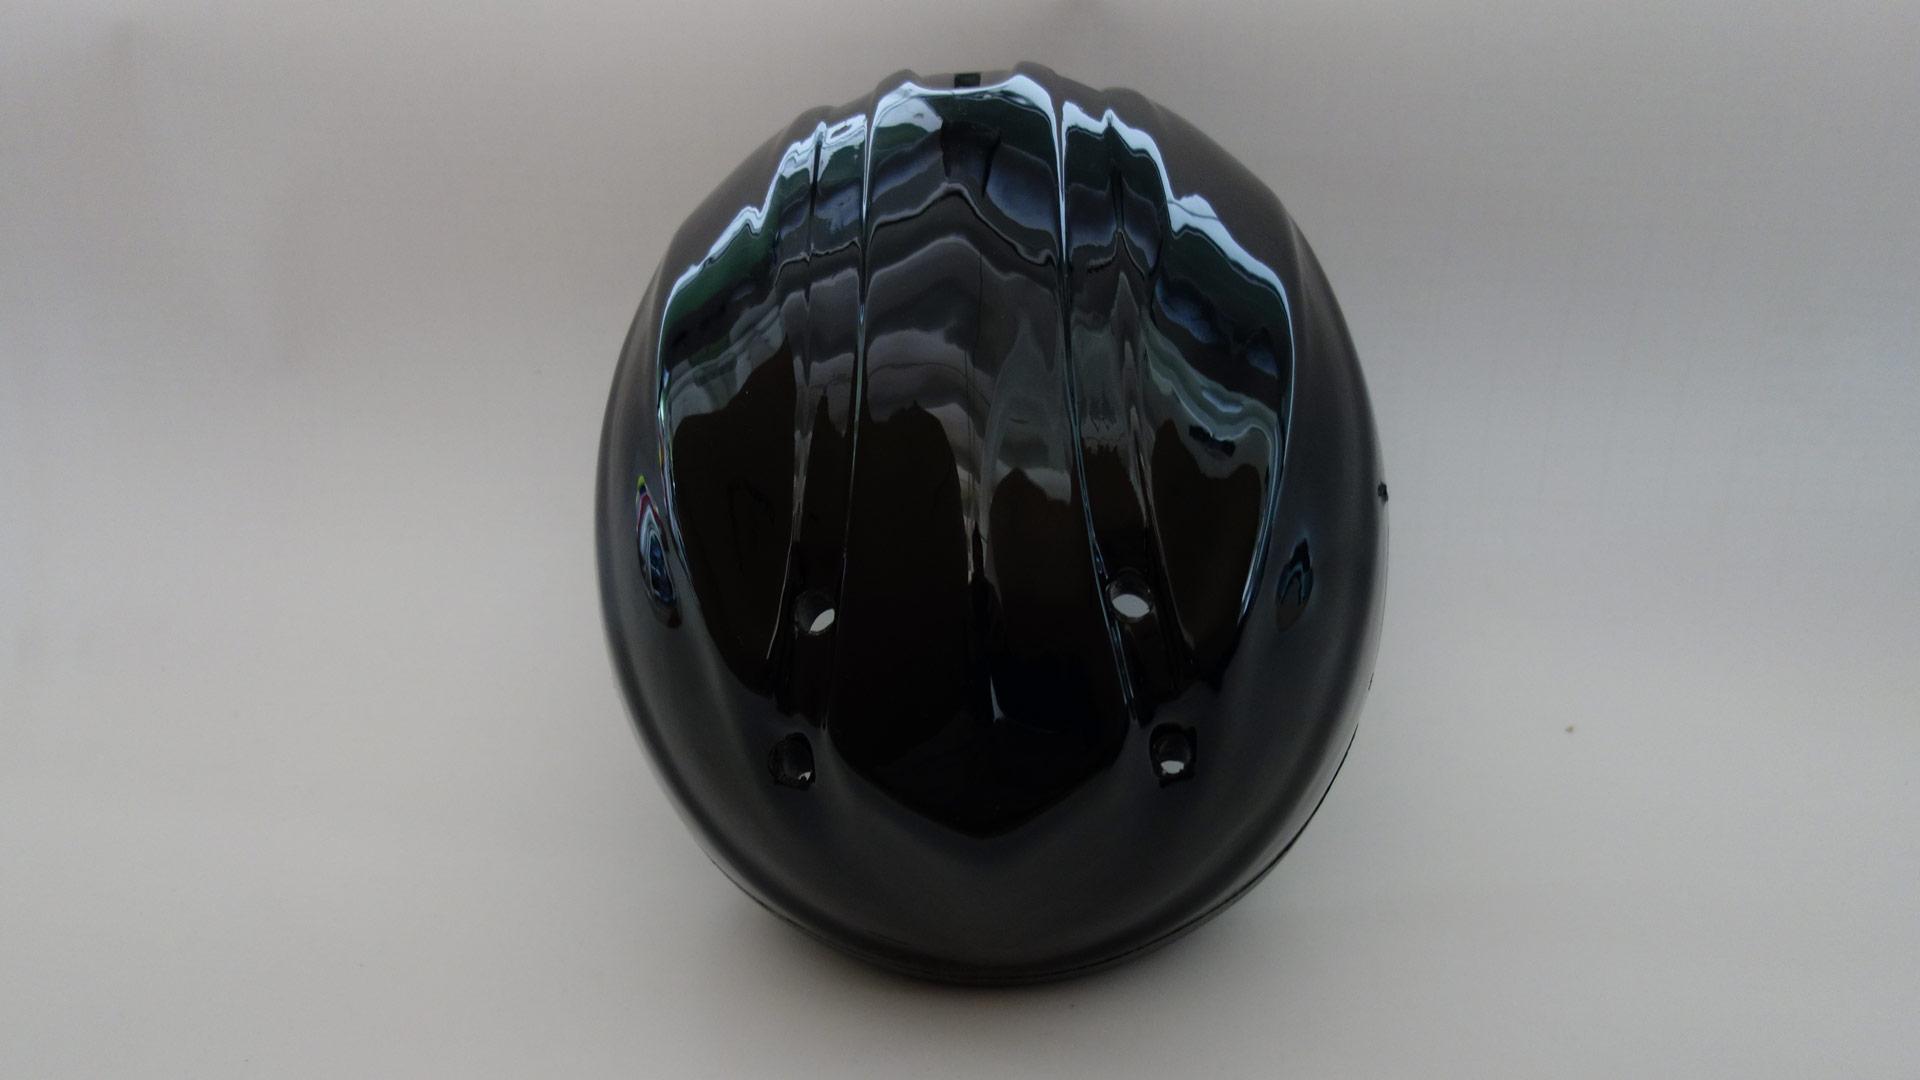 シェルの内側には、強度をさらに増すためにポリスチレンで強化されたインナーを内蔵